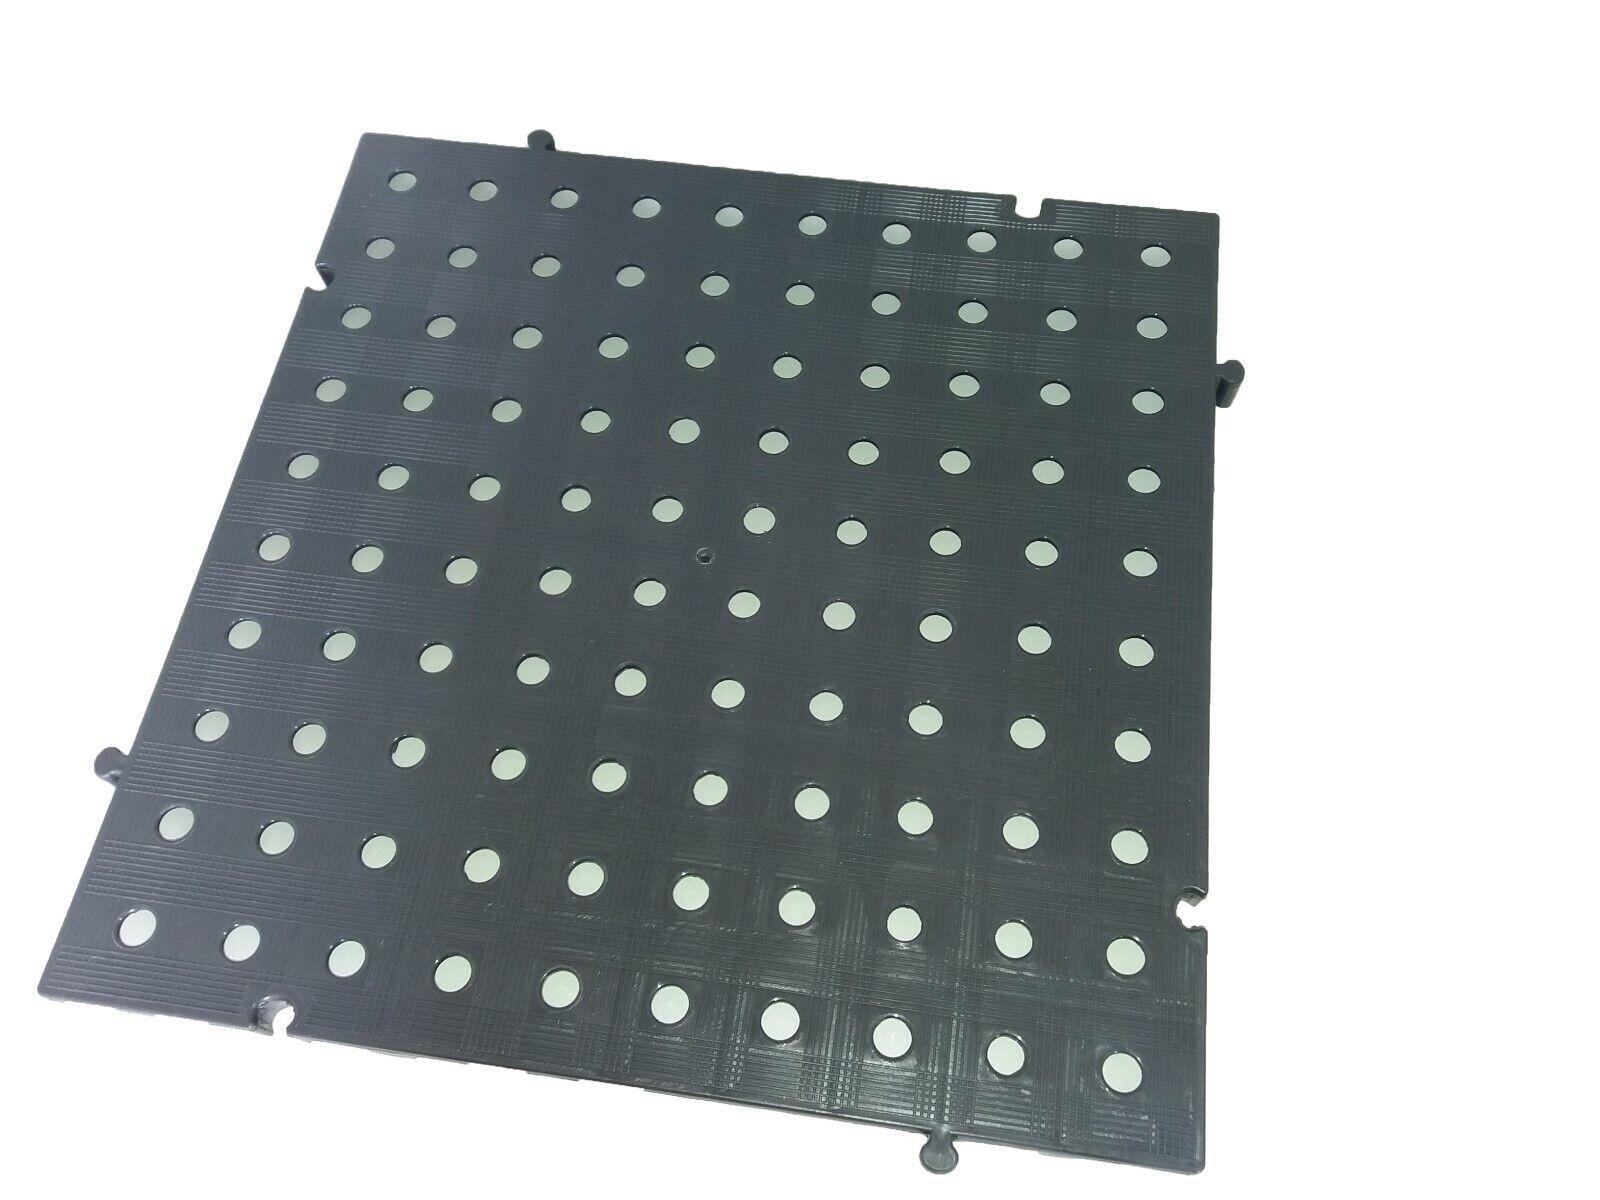 s l1600 - Náyade® Block Losa Tarima desmontable 50x50x2,5 cm. Apto uso alimentario. Gris